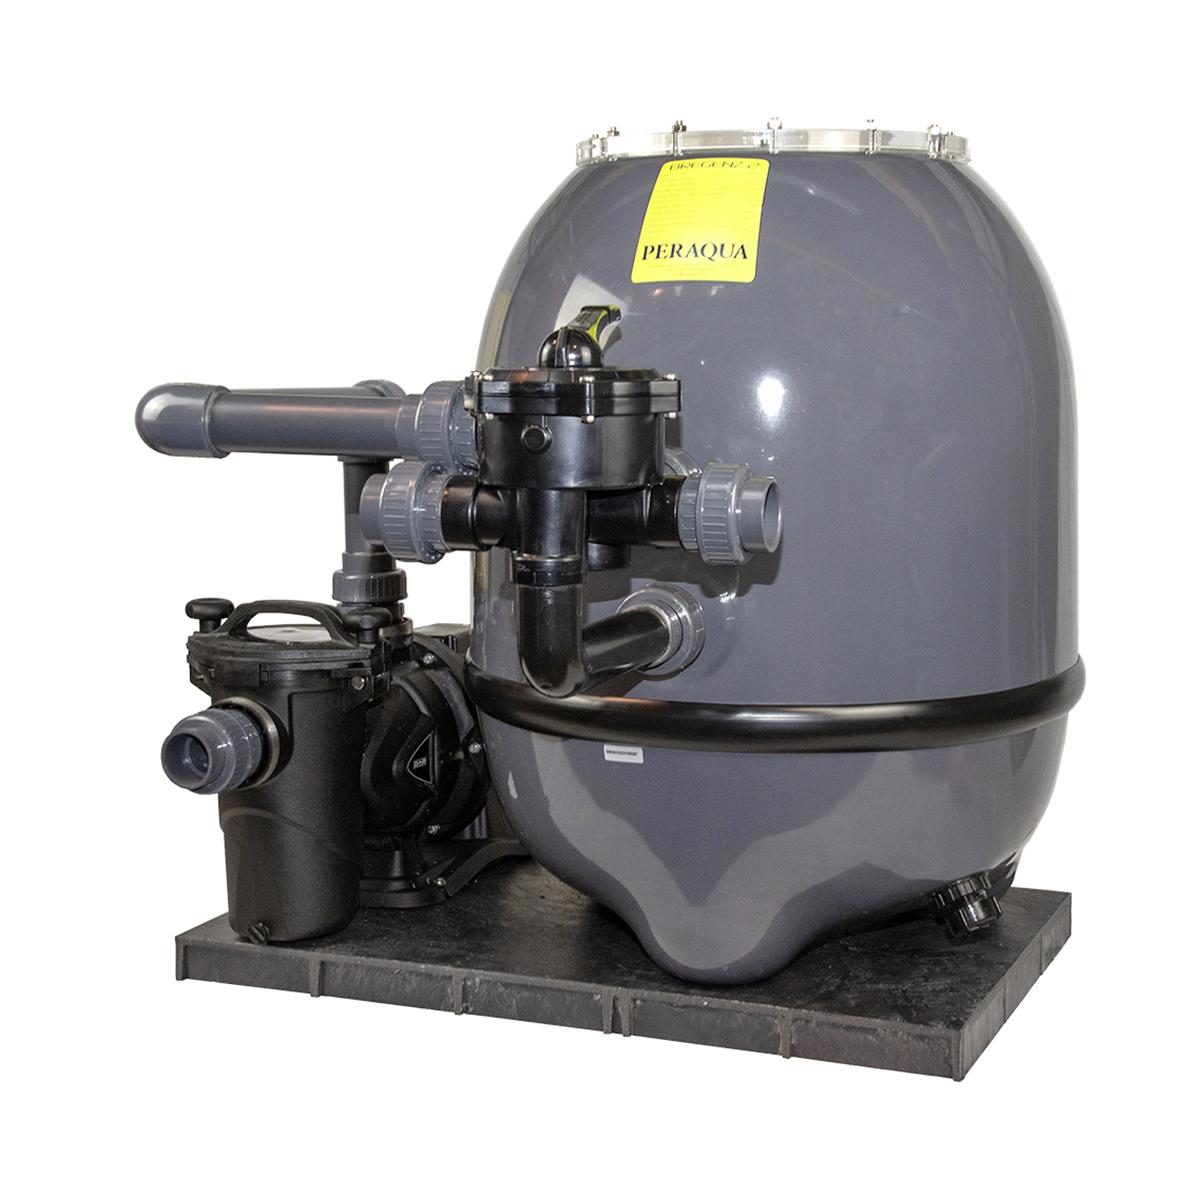 """Compact filter set BREGENZ II d520, graphite grey RAL7024, d400 filter lid transparent. Praher 1½"""" 6 way backwash valve set,  Europro filter pump 50M 11m³/h, 230V Compact filter set BREGENZ II d520, graphite grey RAL7024, d400 filter lid transparent. Praher 1½"""" 6 way backwash valve set,  Europro filter pump 50M 11m³/h, 230V"""